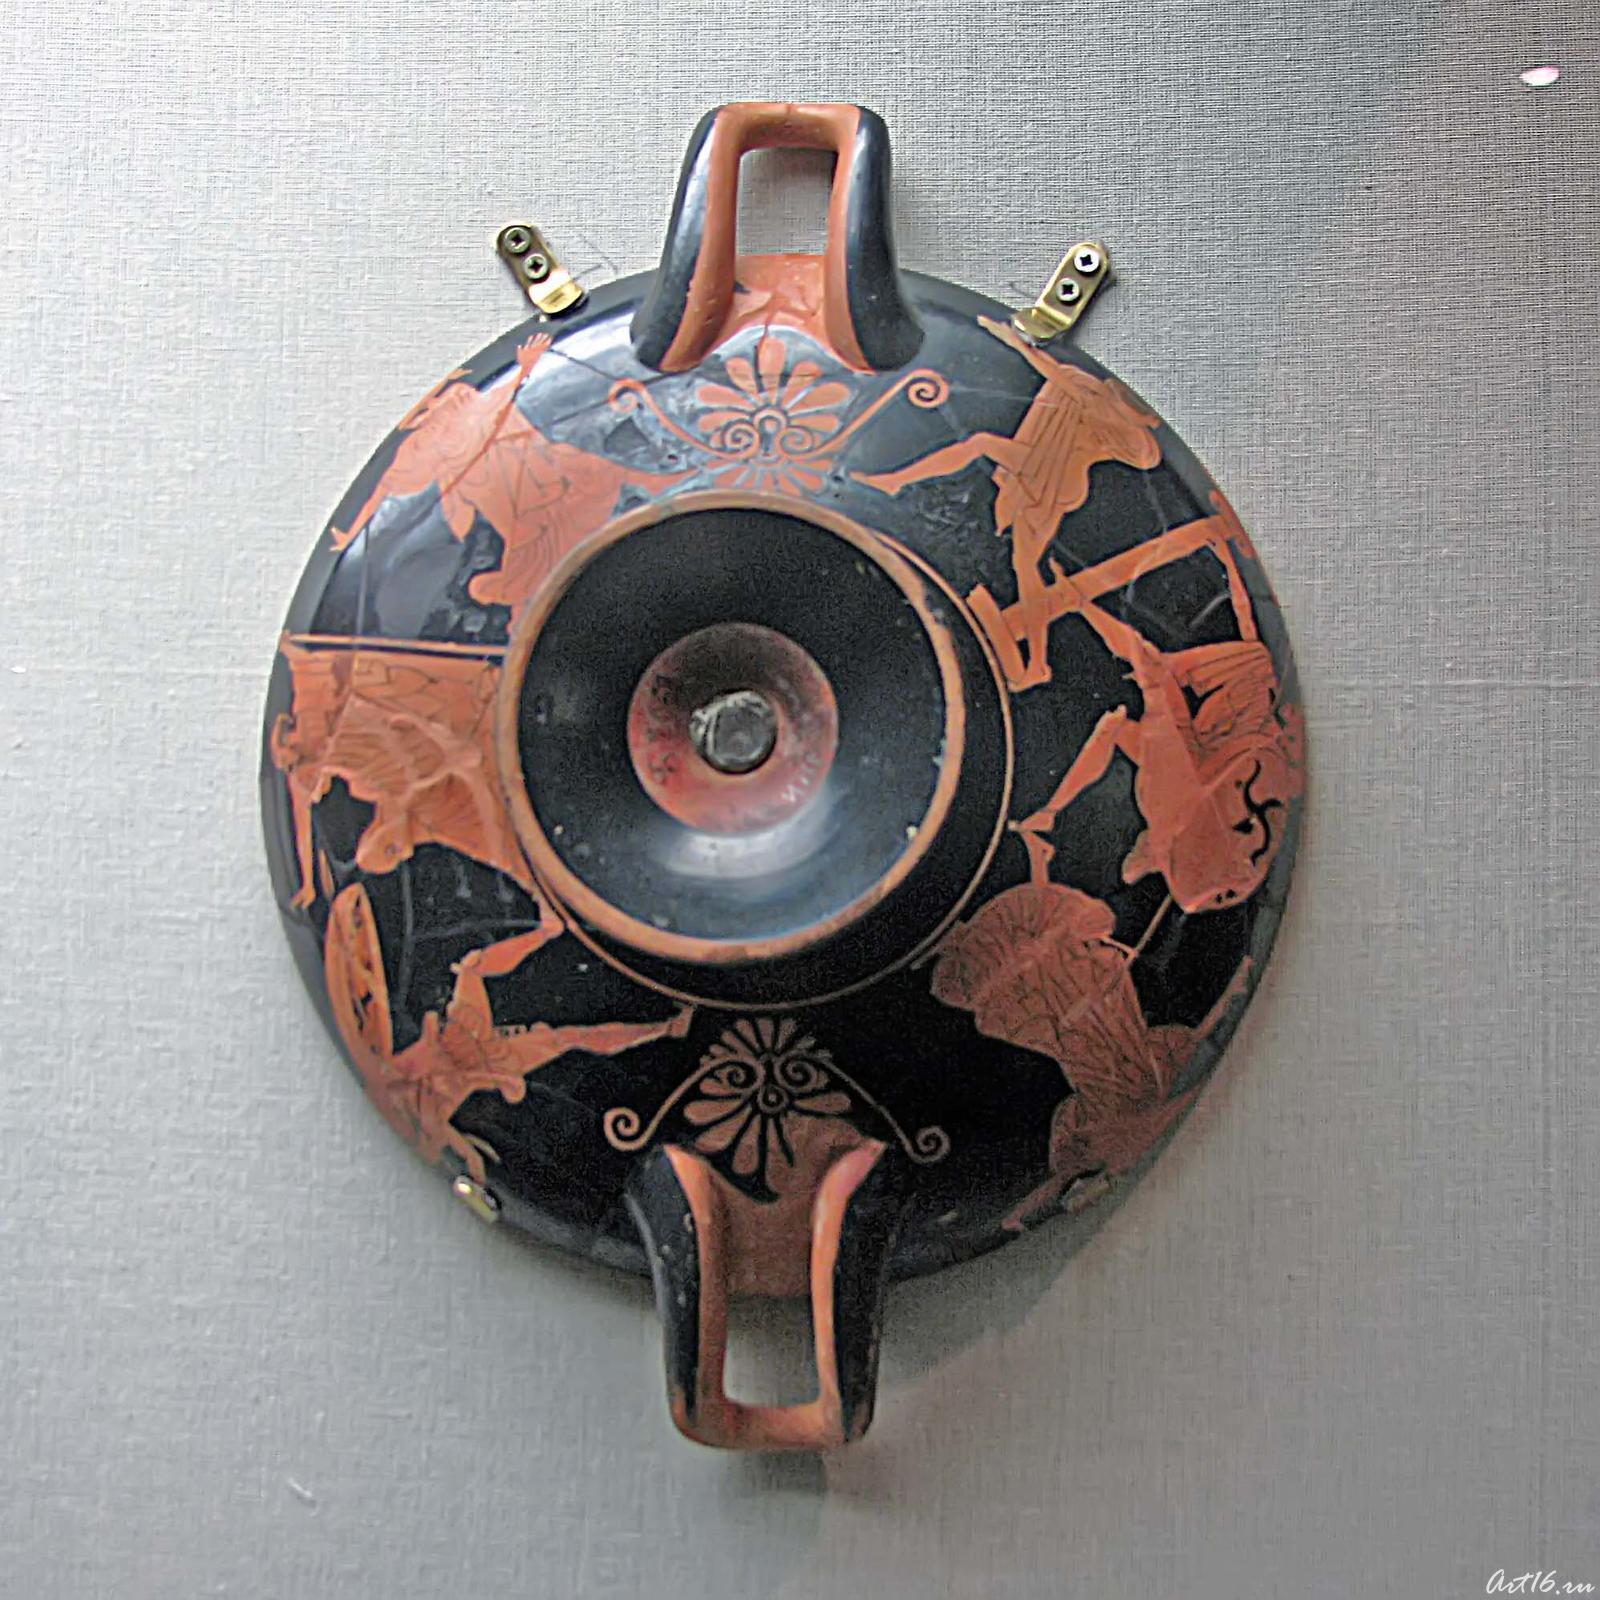 Фото №35529. Килик краснофигурный. А, Б: Долон, Одиссей и Диомед. Тондо: Бегущий воин